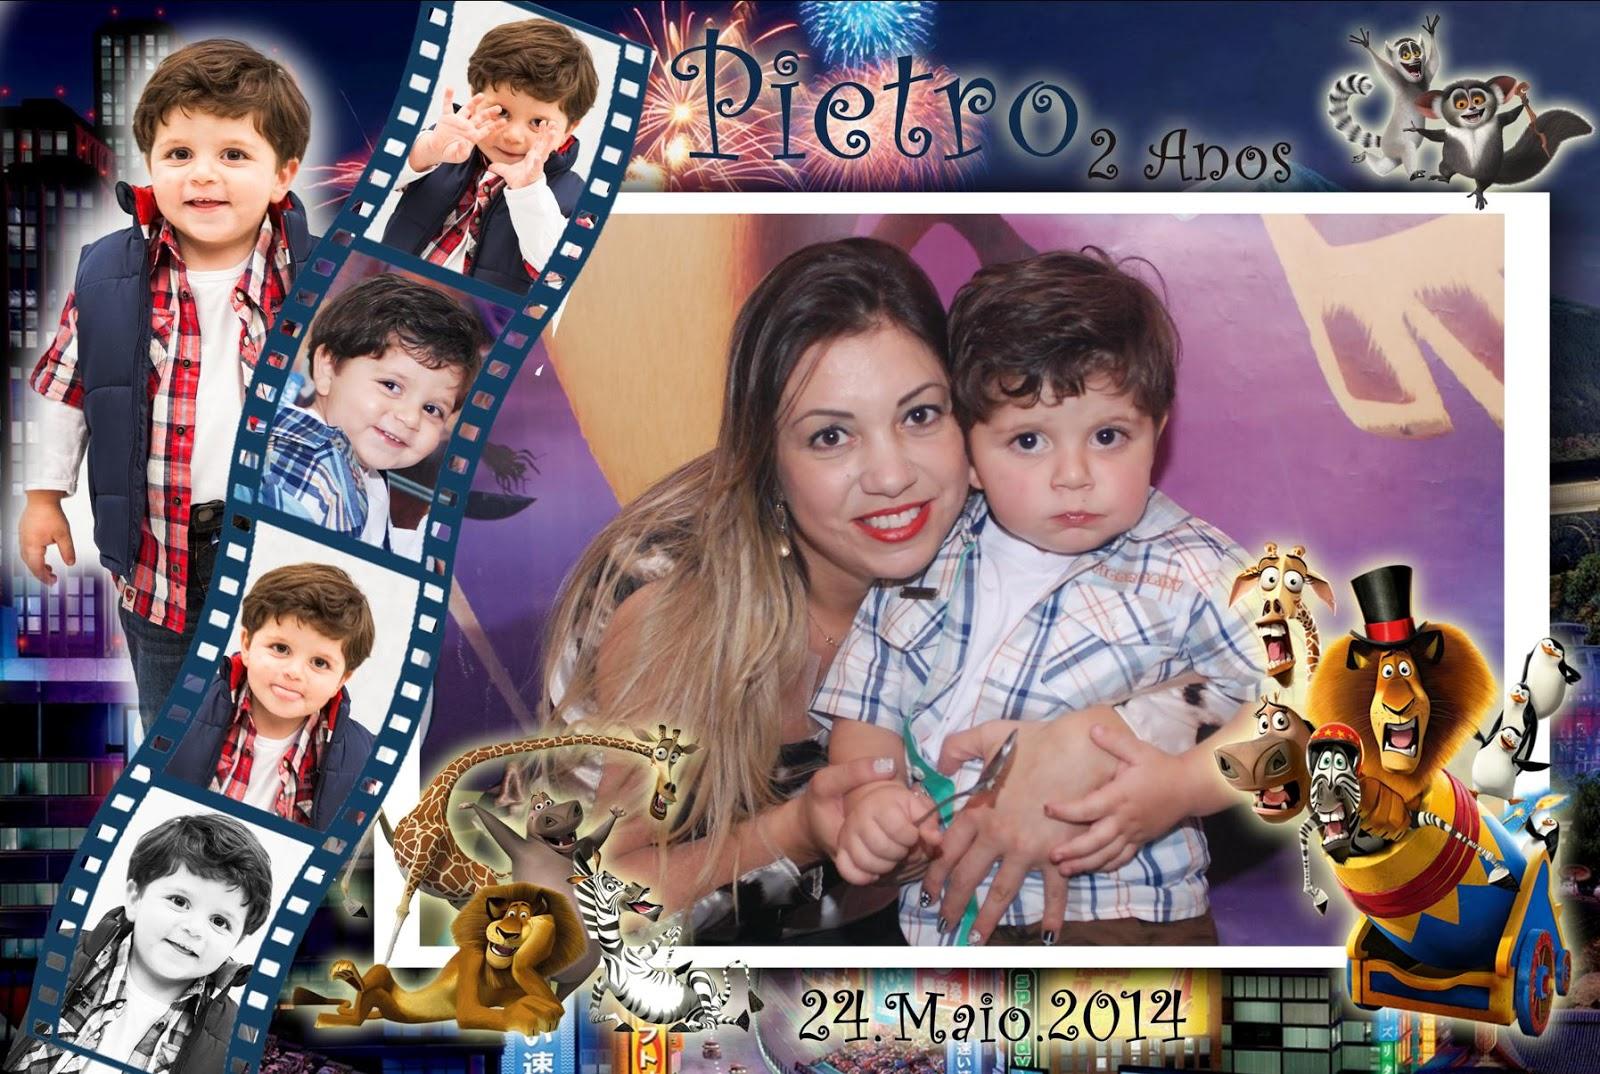 http://fotos-lembranca.blogspot.com.br/2014/05/20140424-pietro-2-anos-madagascar.html